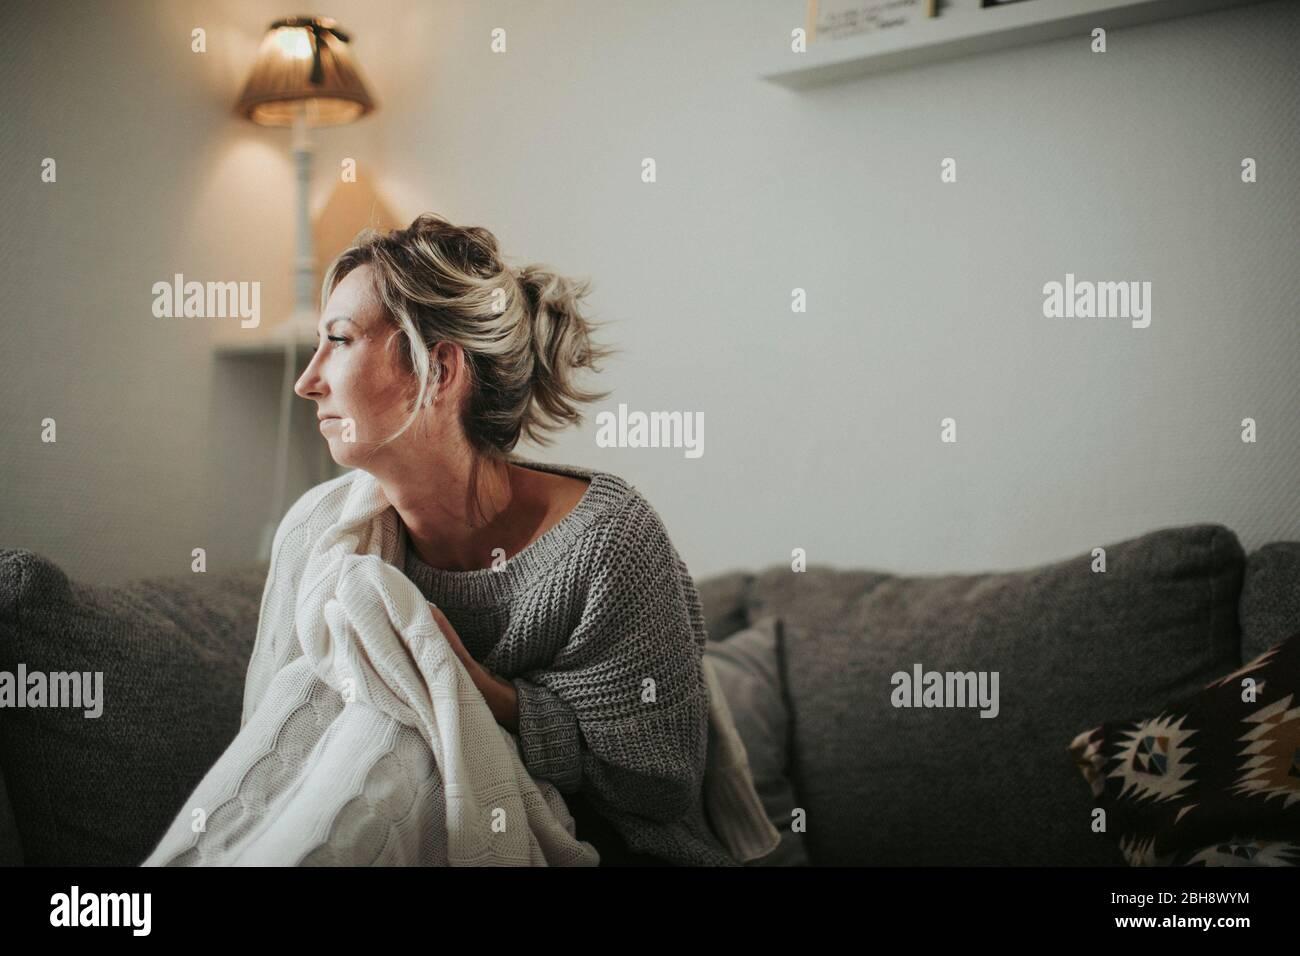 Frau sitzt nachdenklich auf der Couch Stock Photo